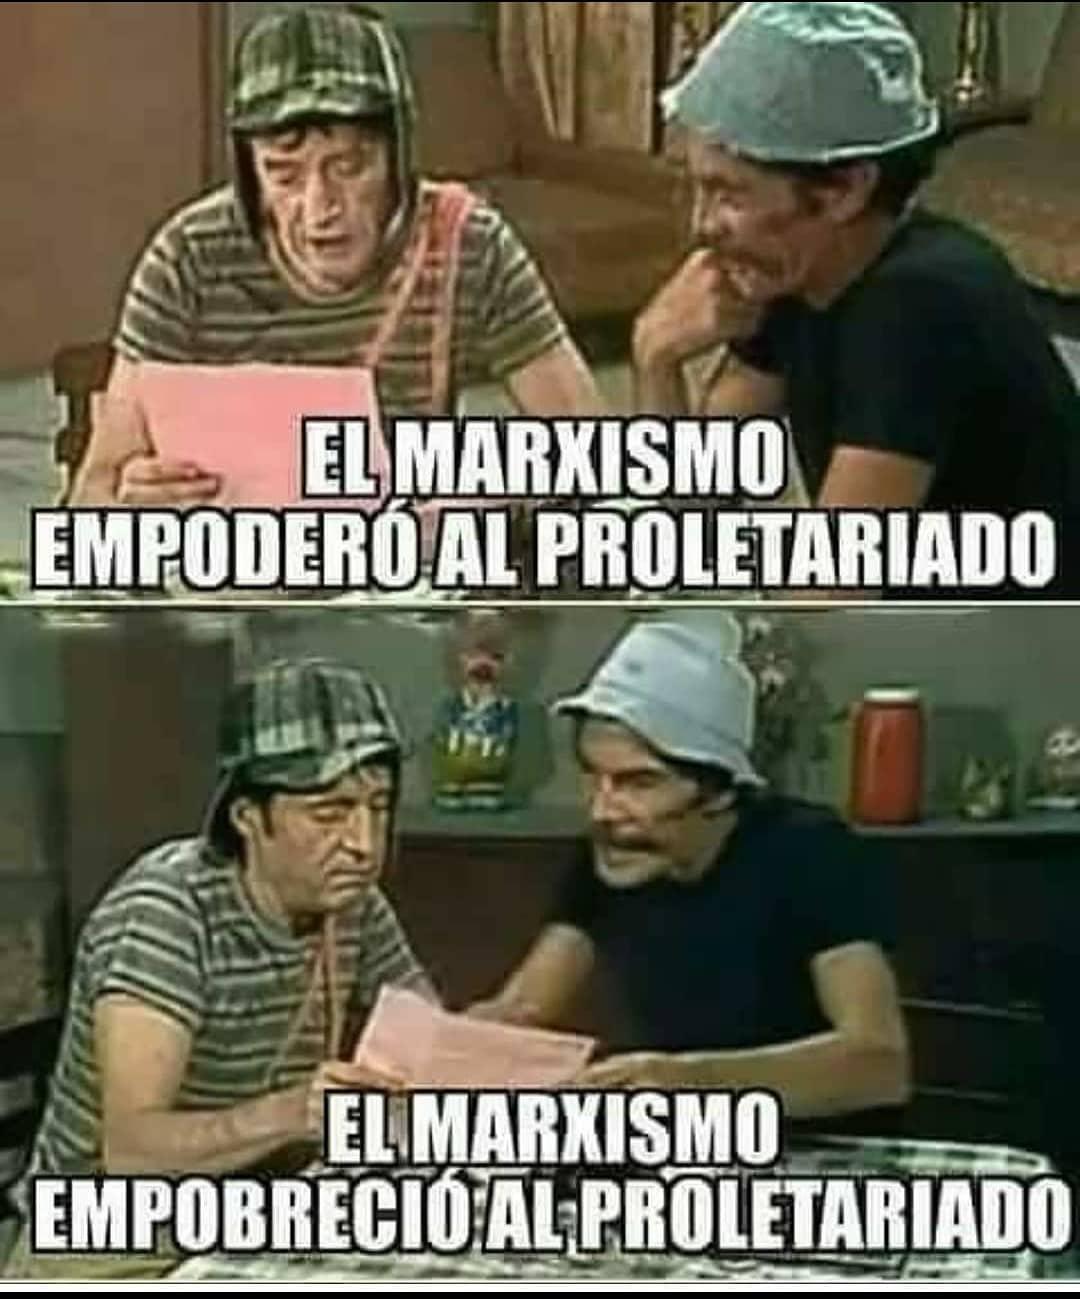 El marxismo empoderó al proletariado. El marxismo empobreció al proletariado.